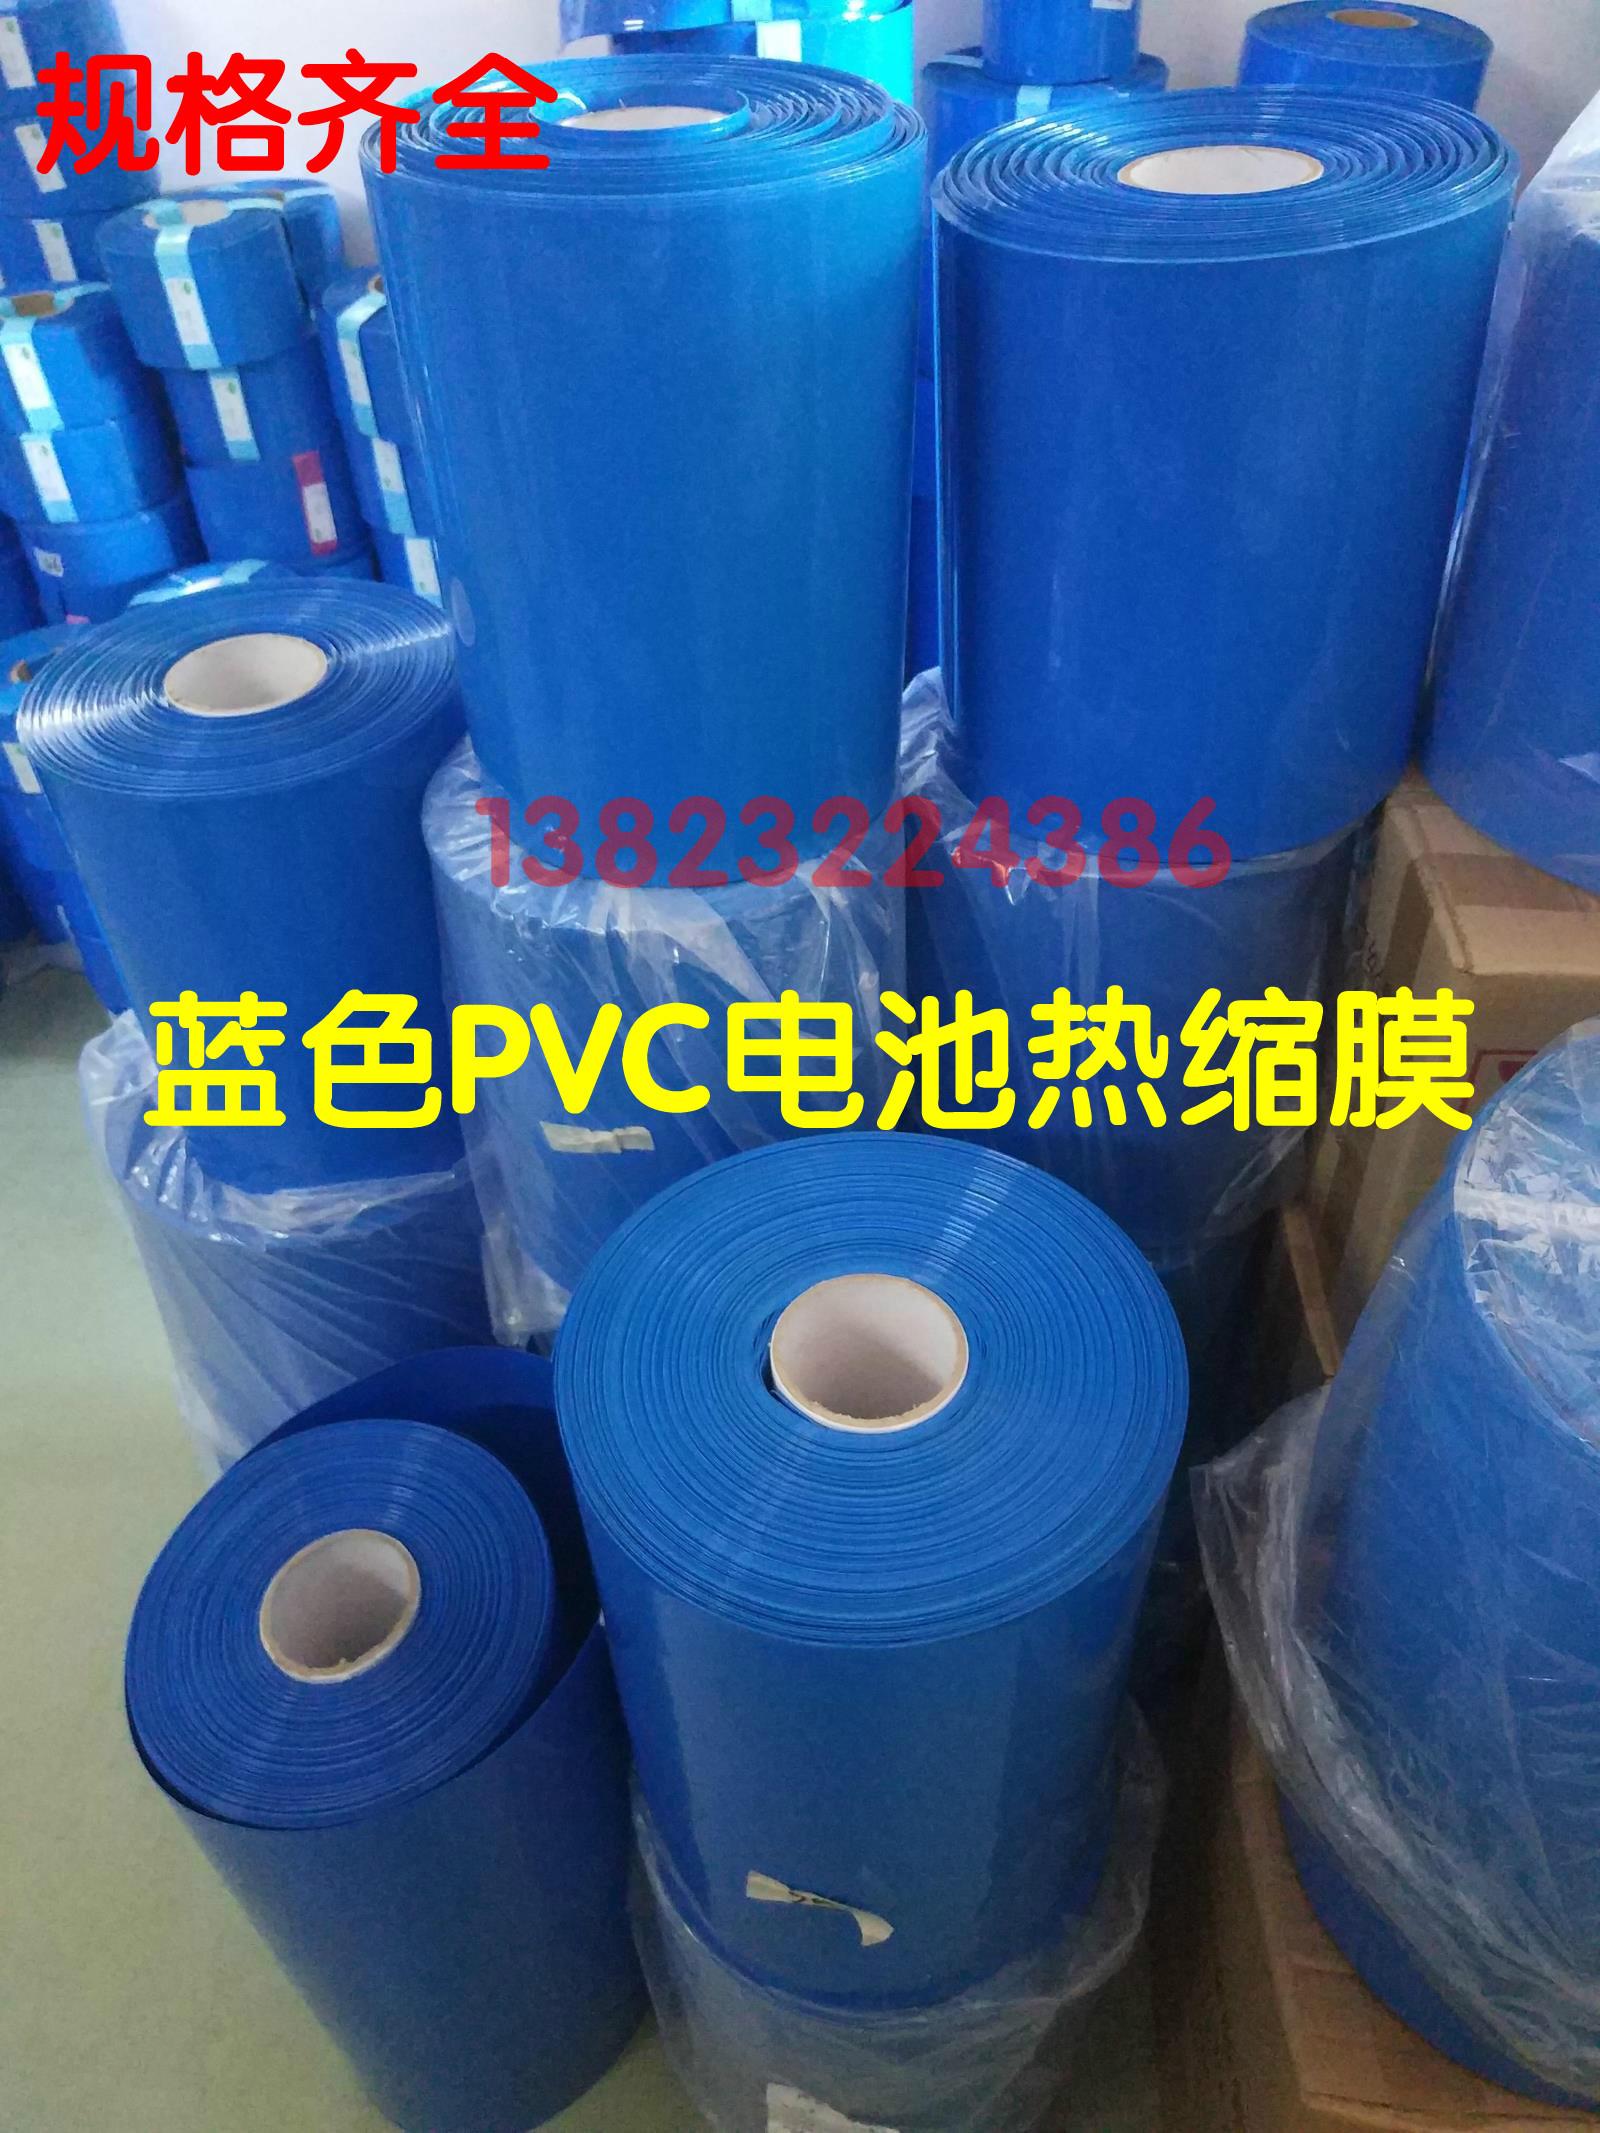 De ancho 310mm Phi 1970.15mm gruesa membrana de PVC tubo azul el paquete de batería modelo de funda